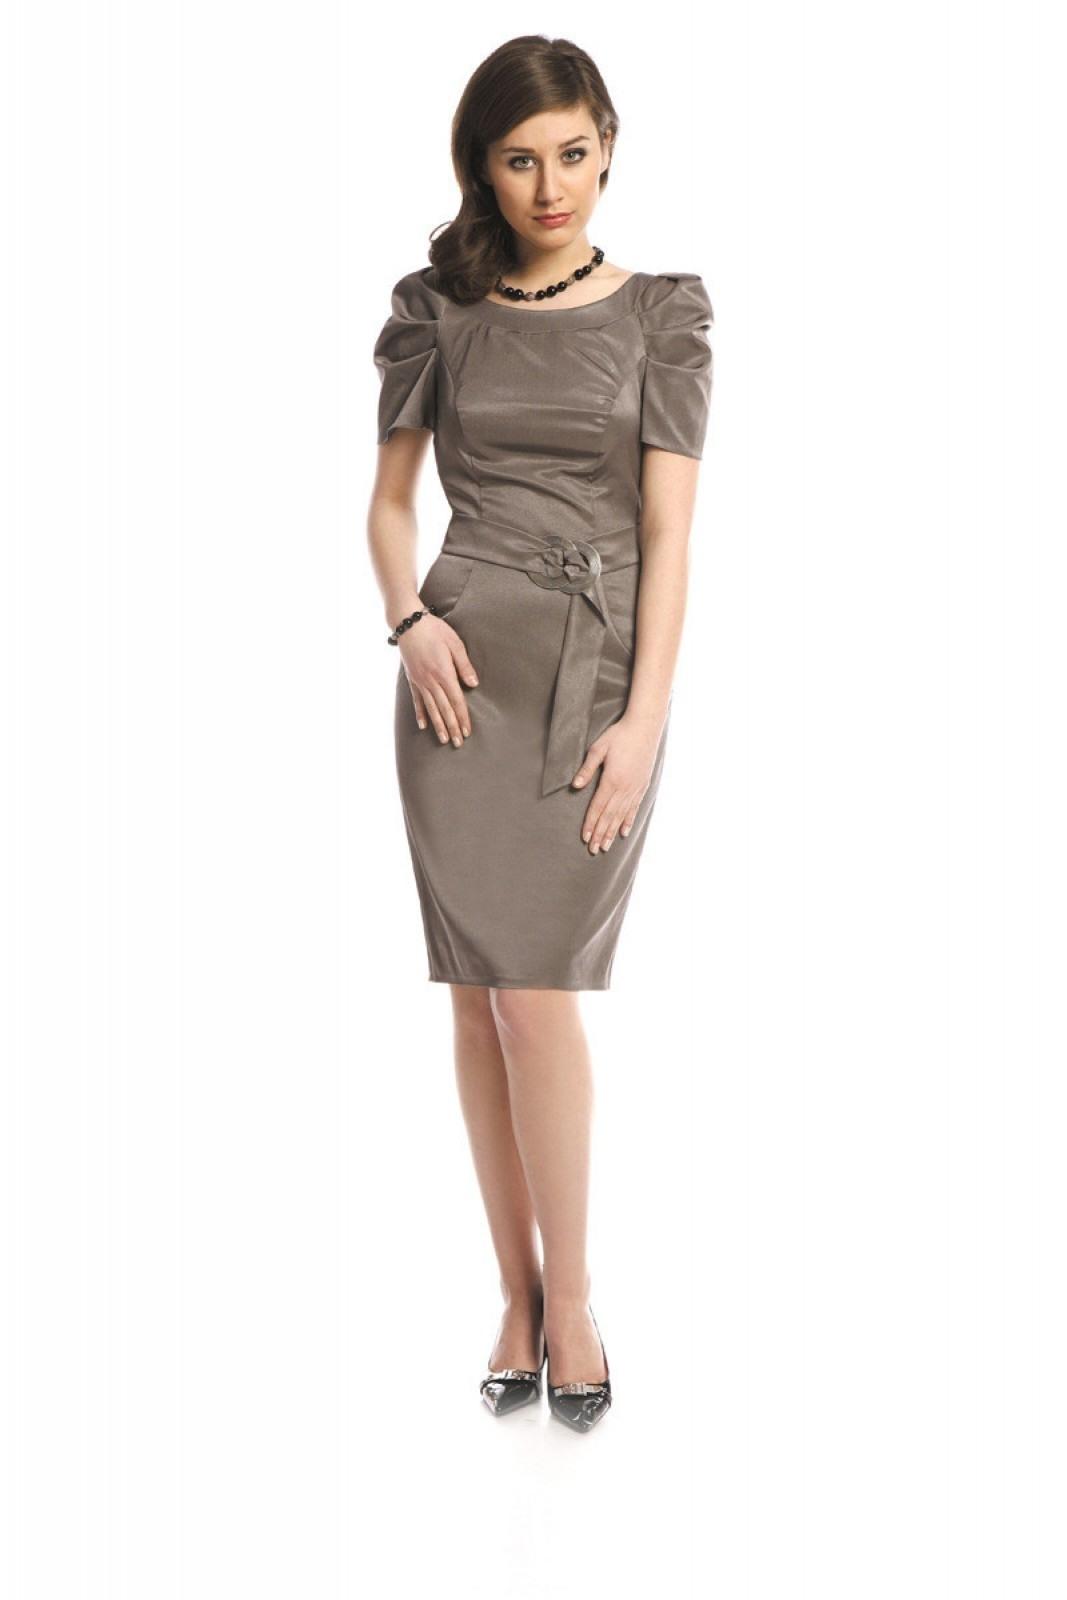 15 Schön Kleider Braun Elegant Vertrieb10 Kreativ Kleider Braun Elegant Design